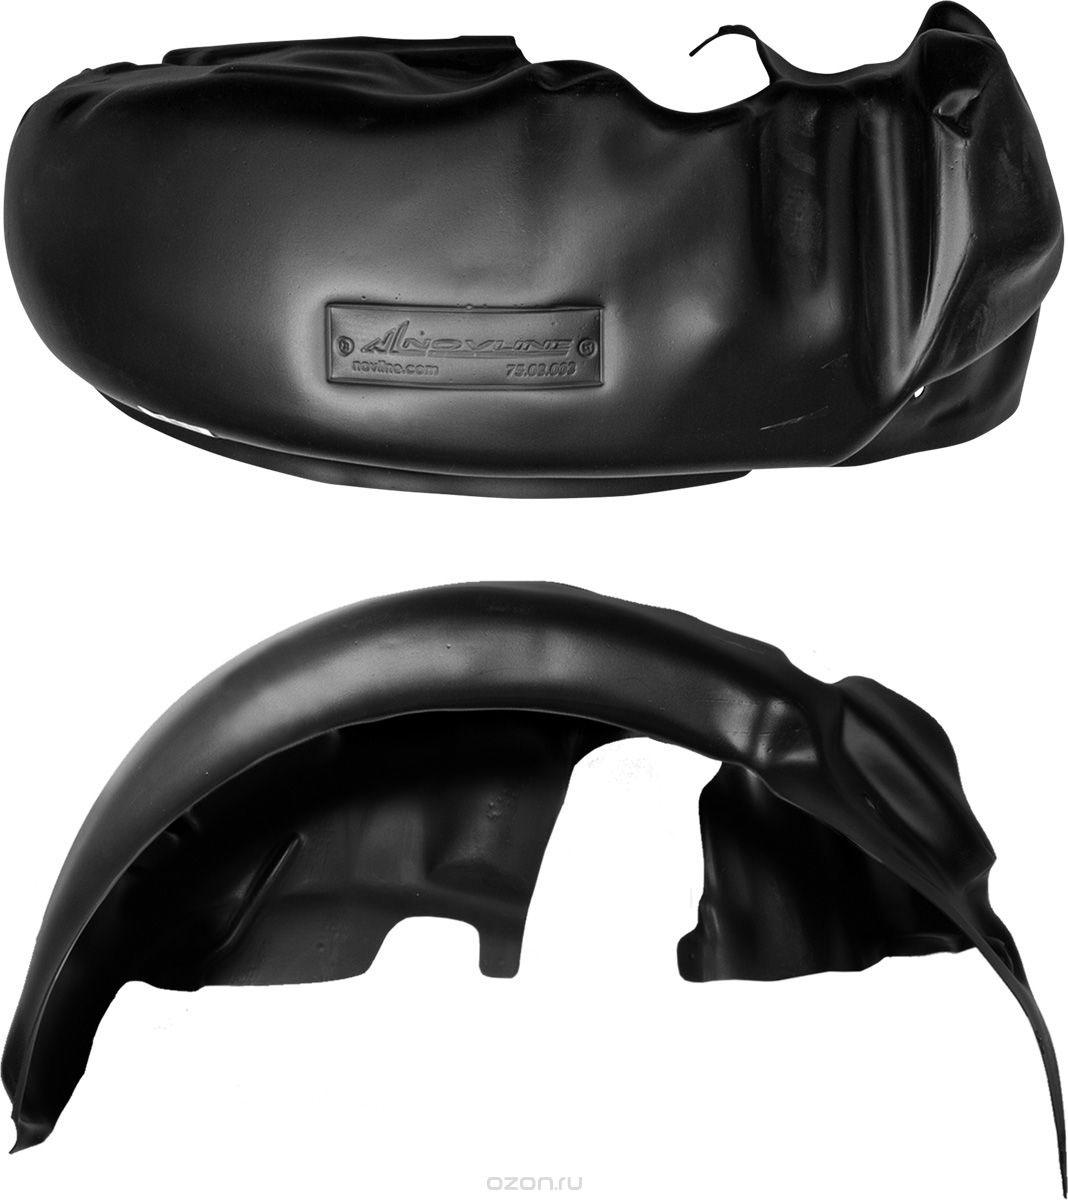 Подкрылок Novline-Autofamily, для CHEVROLET Аveo 2004->, хб., передний левый, 004301VCA-00Идеальная защита колесной ниши. Локеры разработаны с применением цифровых технологий, гарантируют максимальную повторяемость поверхности арки. Изделия устанавливаются без нарушения лакокрасочного покрытия автомобиля, каждый подкрылок комплектуется крепежом. Уважаемые клиенты, обращаем ваше внимание, что фотографии на подкрылки универсальные и не отражают реальную форму изделия. При этом само изделие идет точно под размер указанного автомобиля.